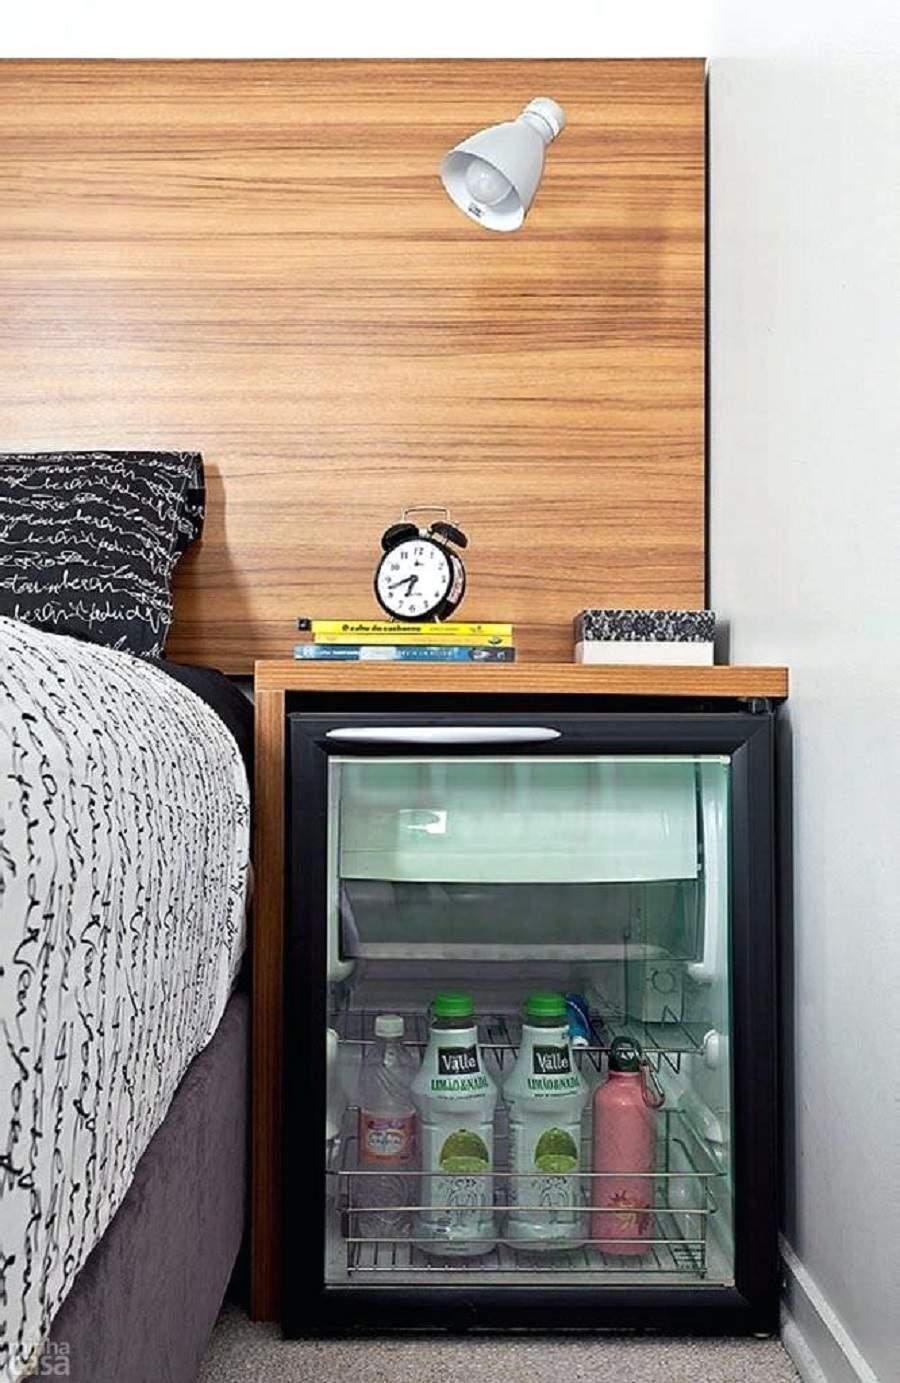 Có nên để tủ lạnh trong phòng ngủ không? được nhiều người quan tâm